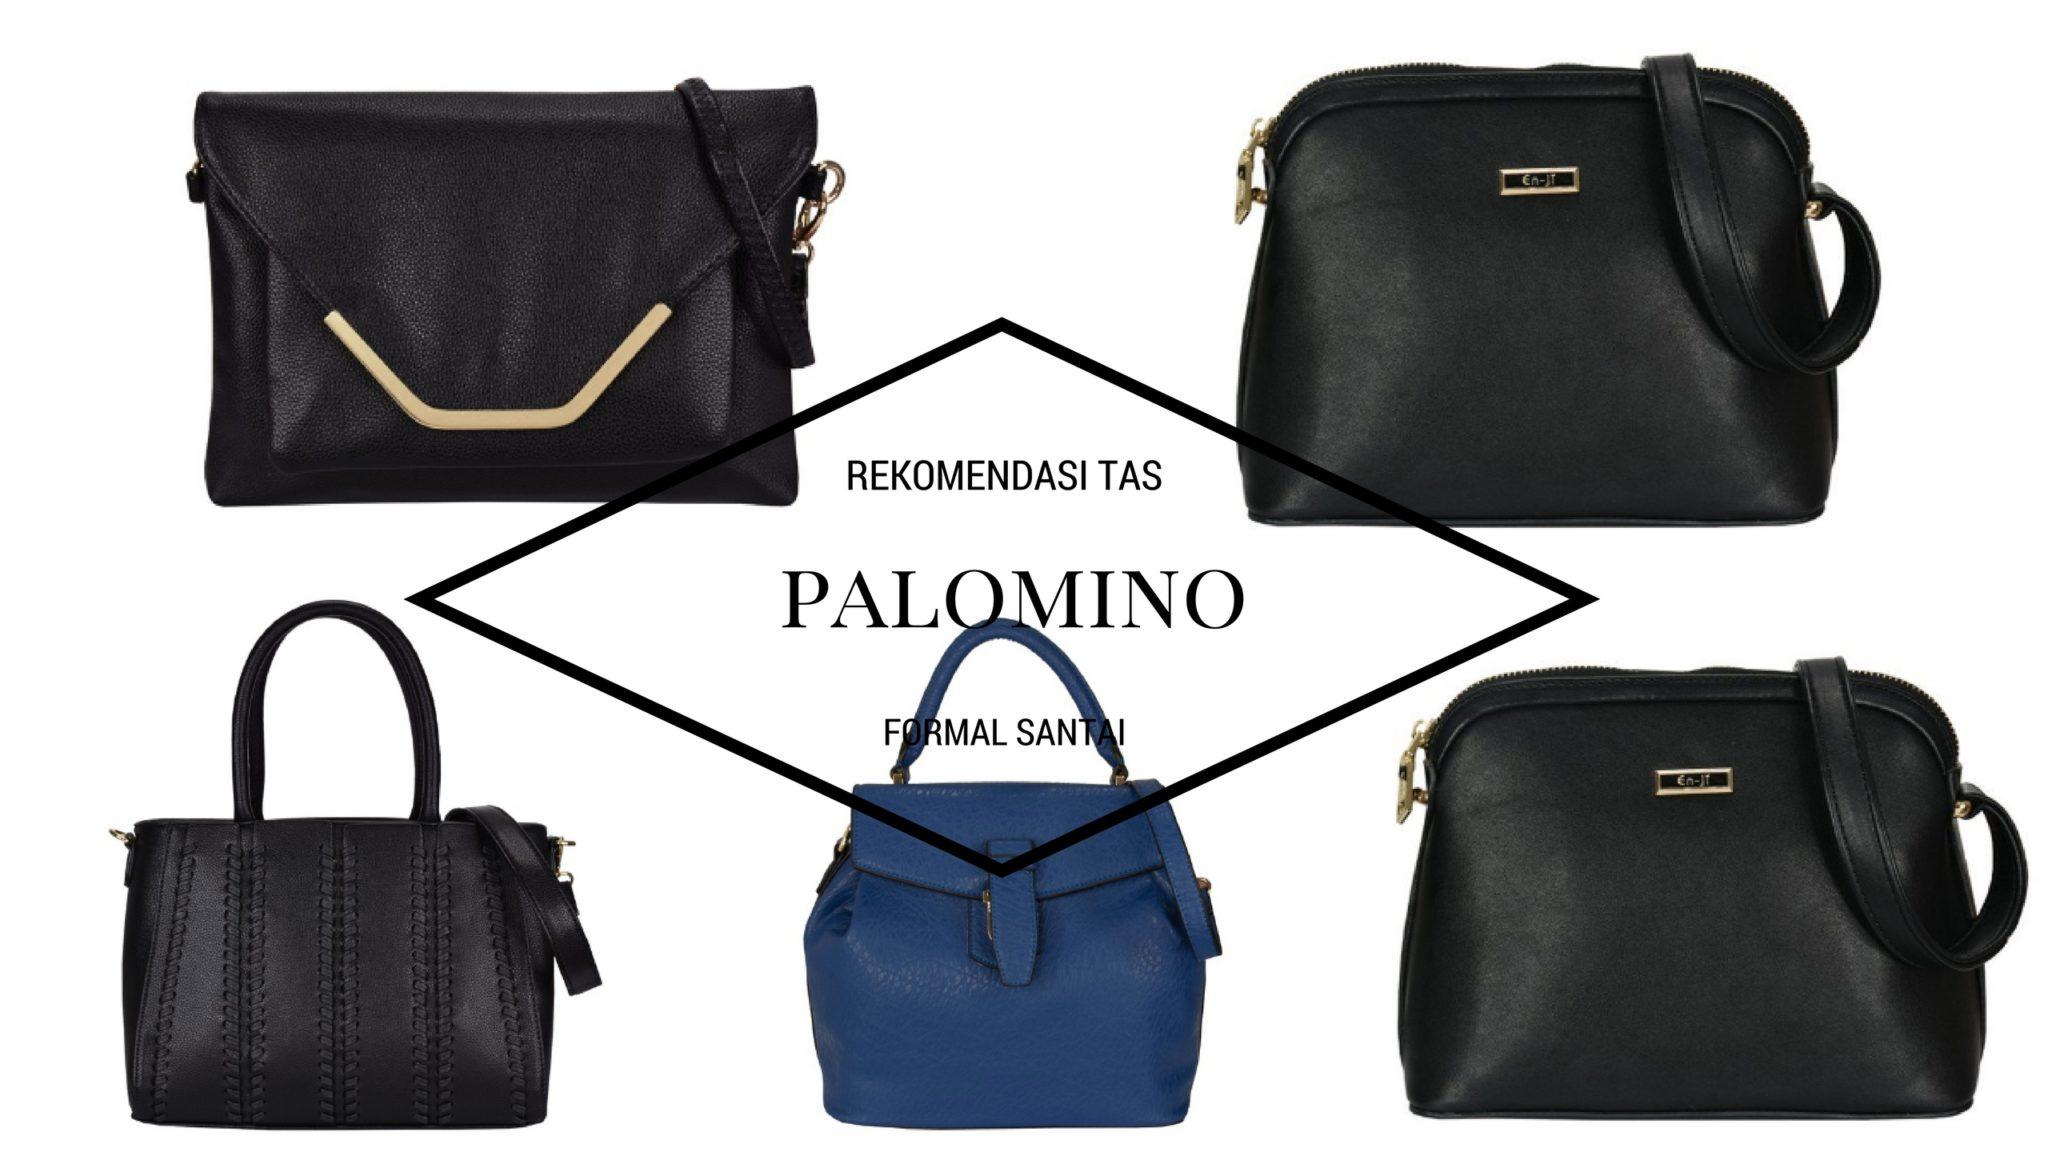 7 Tas Formal Santai Dari Palomino Bag 7eaf93e979